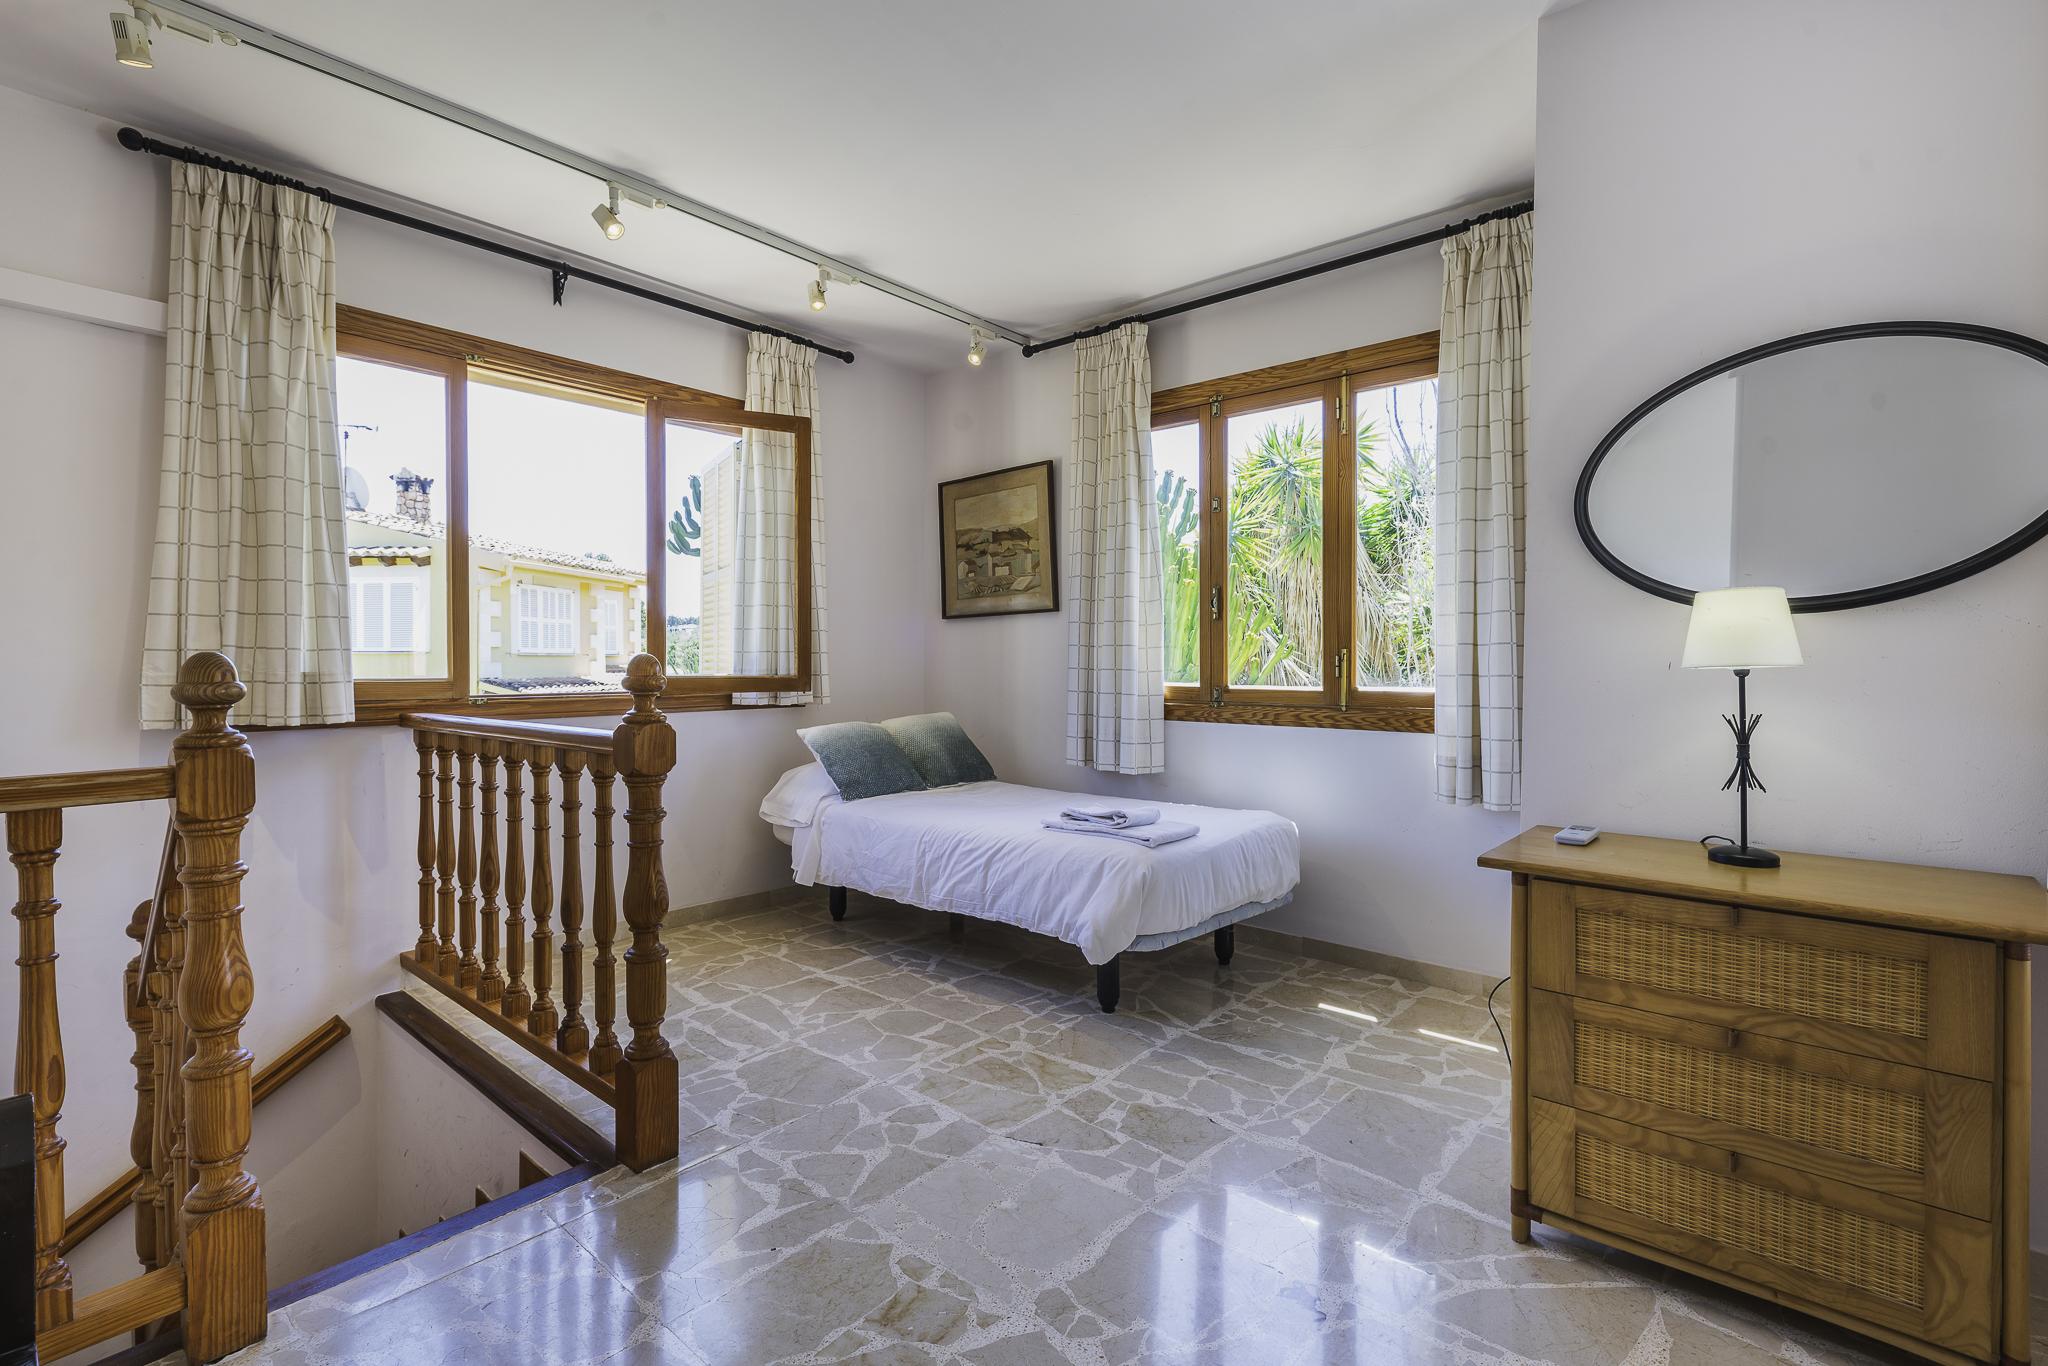 Apartment Casa Padrino  piscina privada  wifi  cerca de la playa photo 20228854